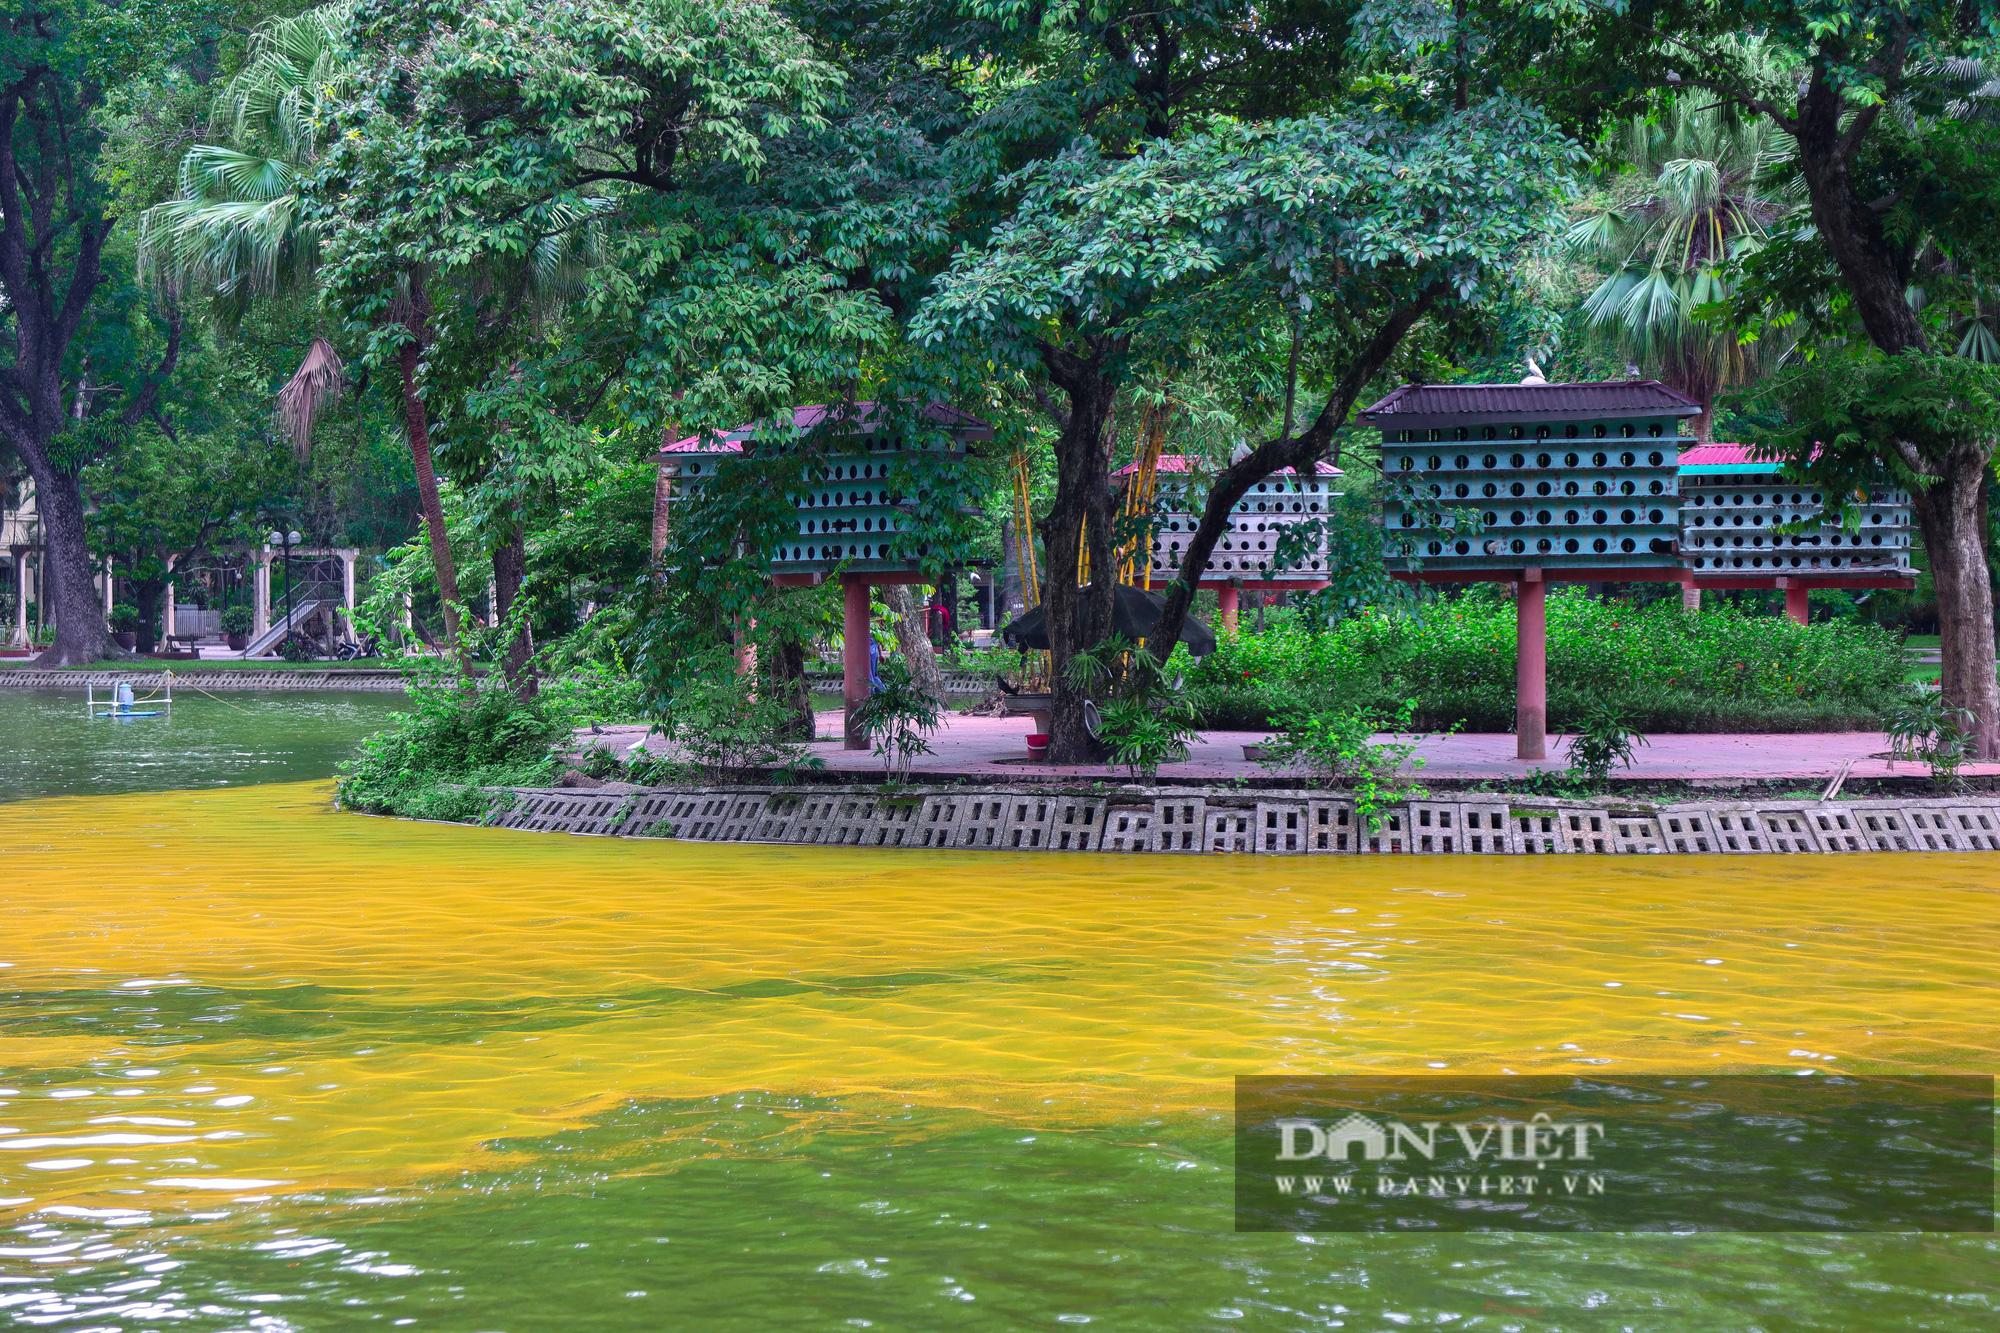 Hà Nội: Mặt nước hồ Bách Thảo bất ngờ chuyển màu vàng lạ mắt - Ảnh 4.